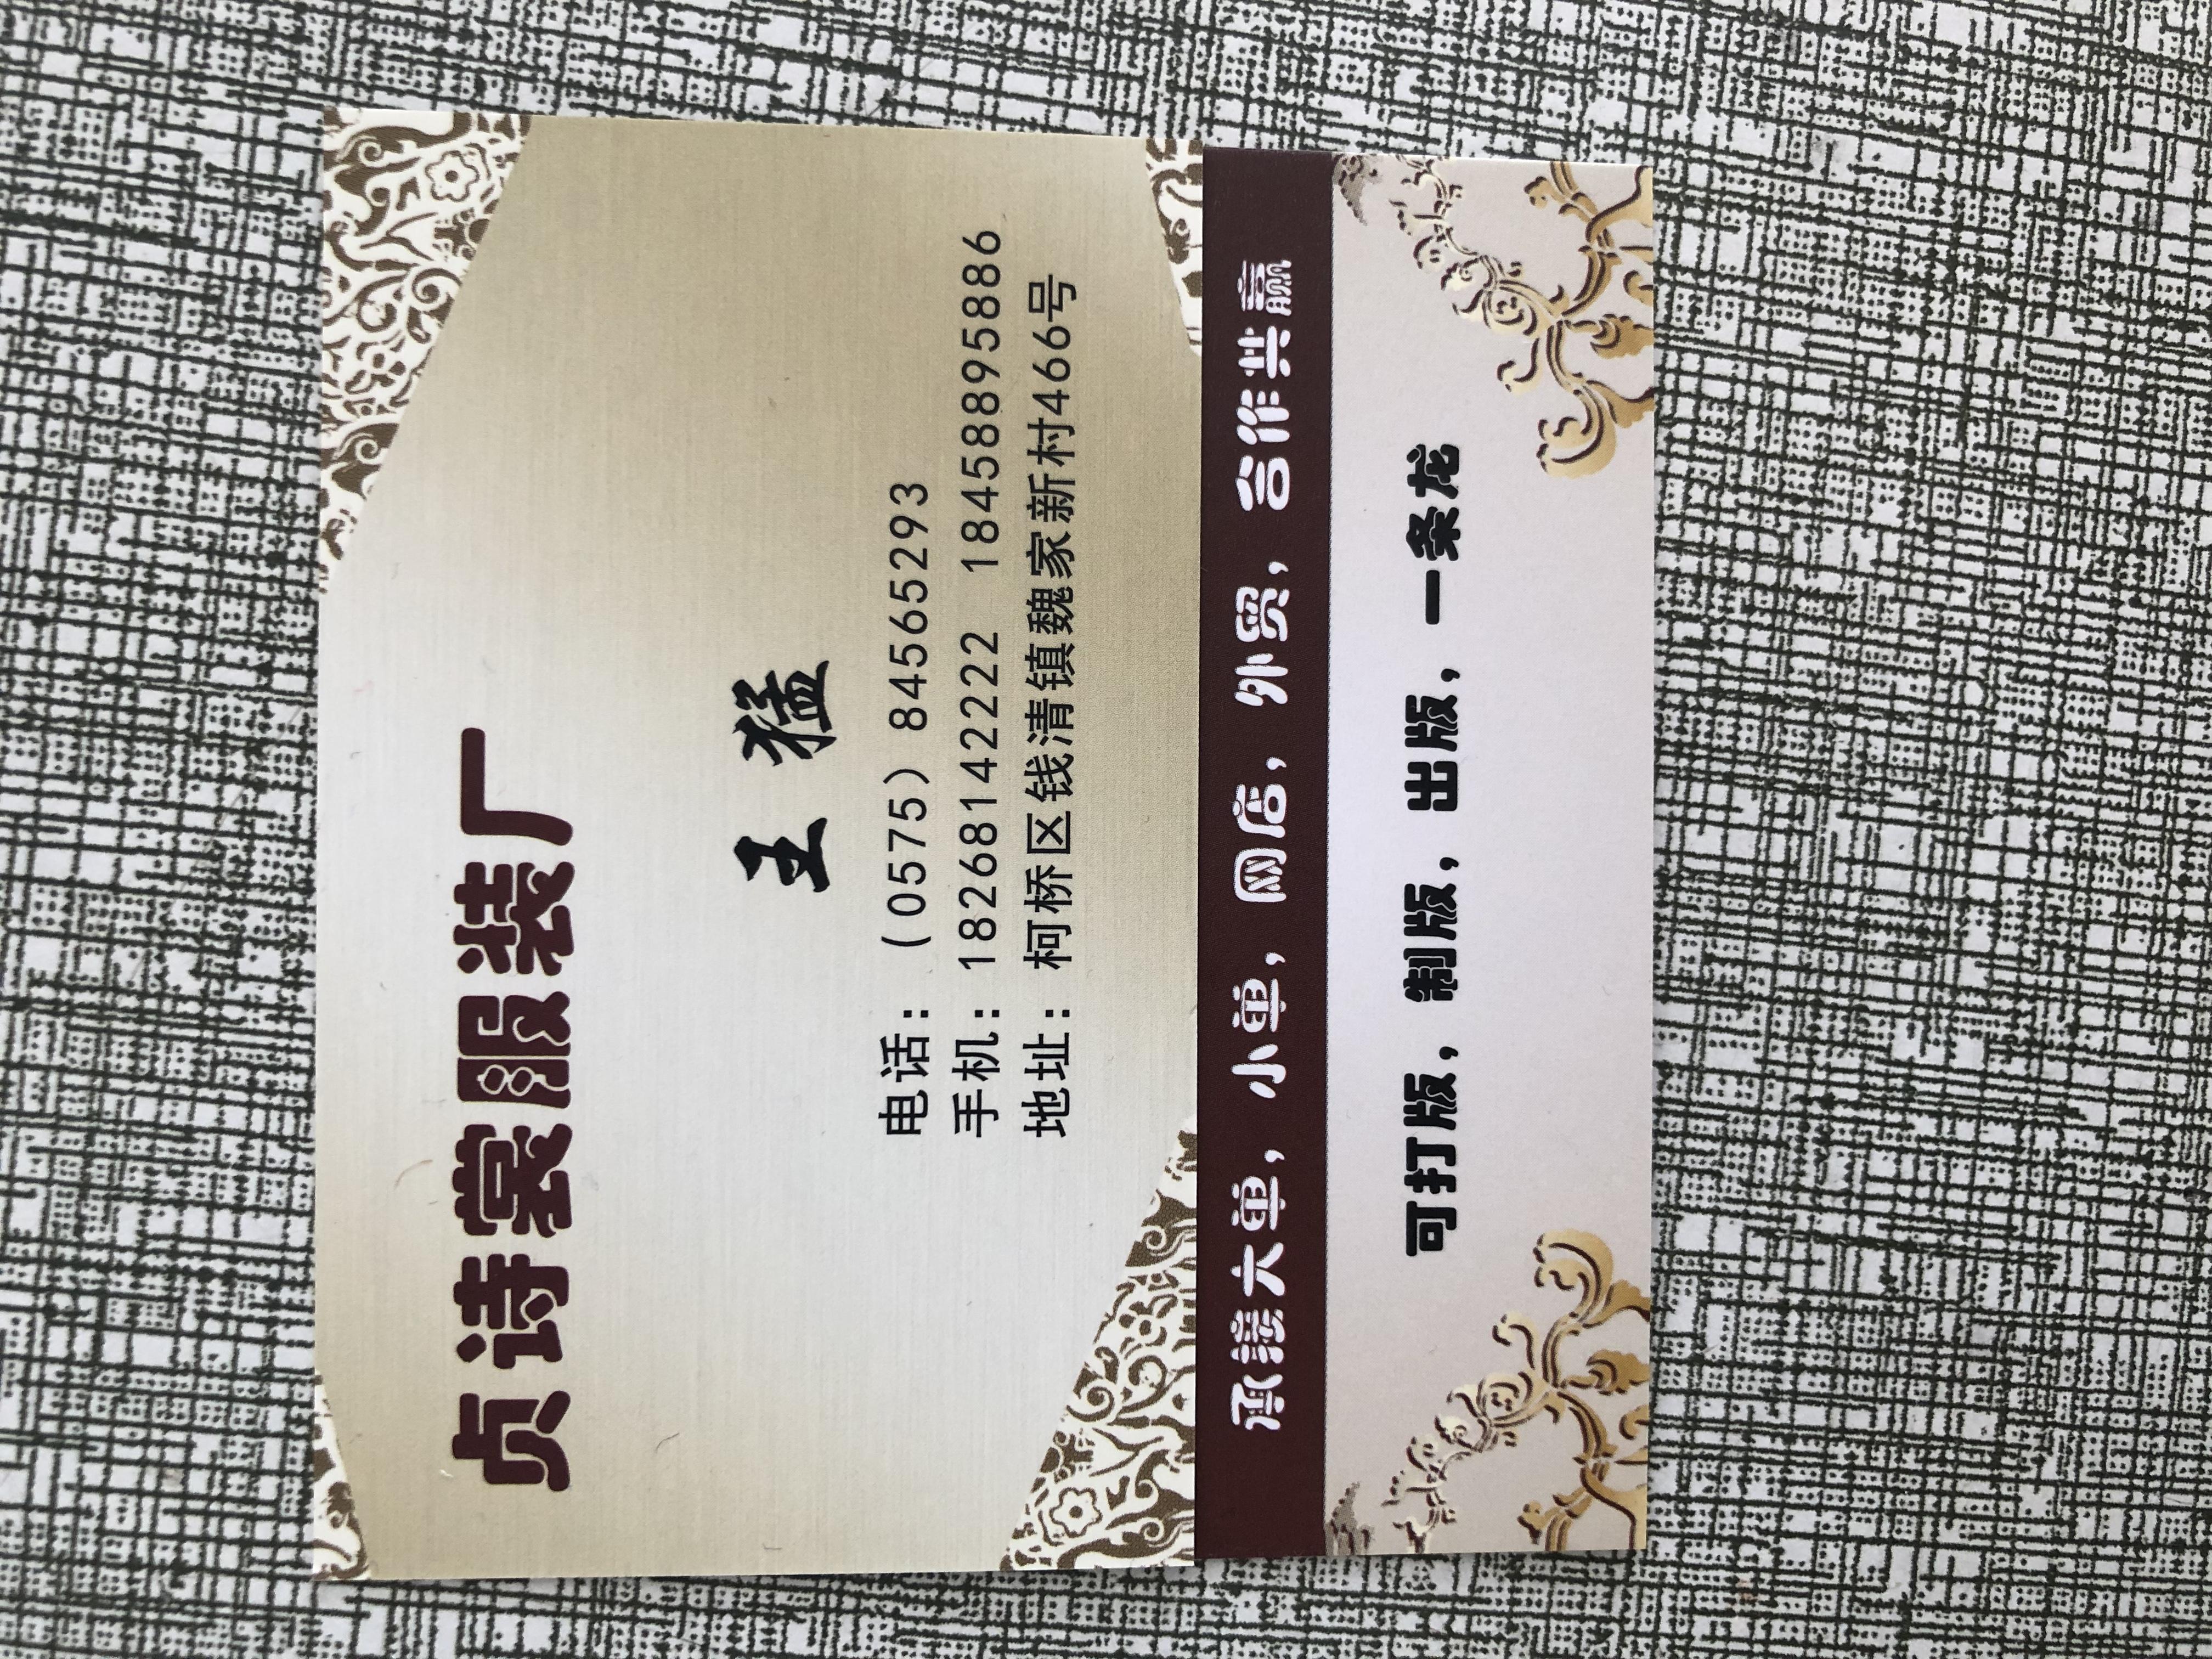 绍兴市柯桥区钱清镇贞诗裳家纺厂